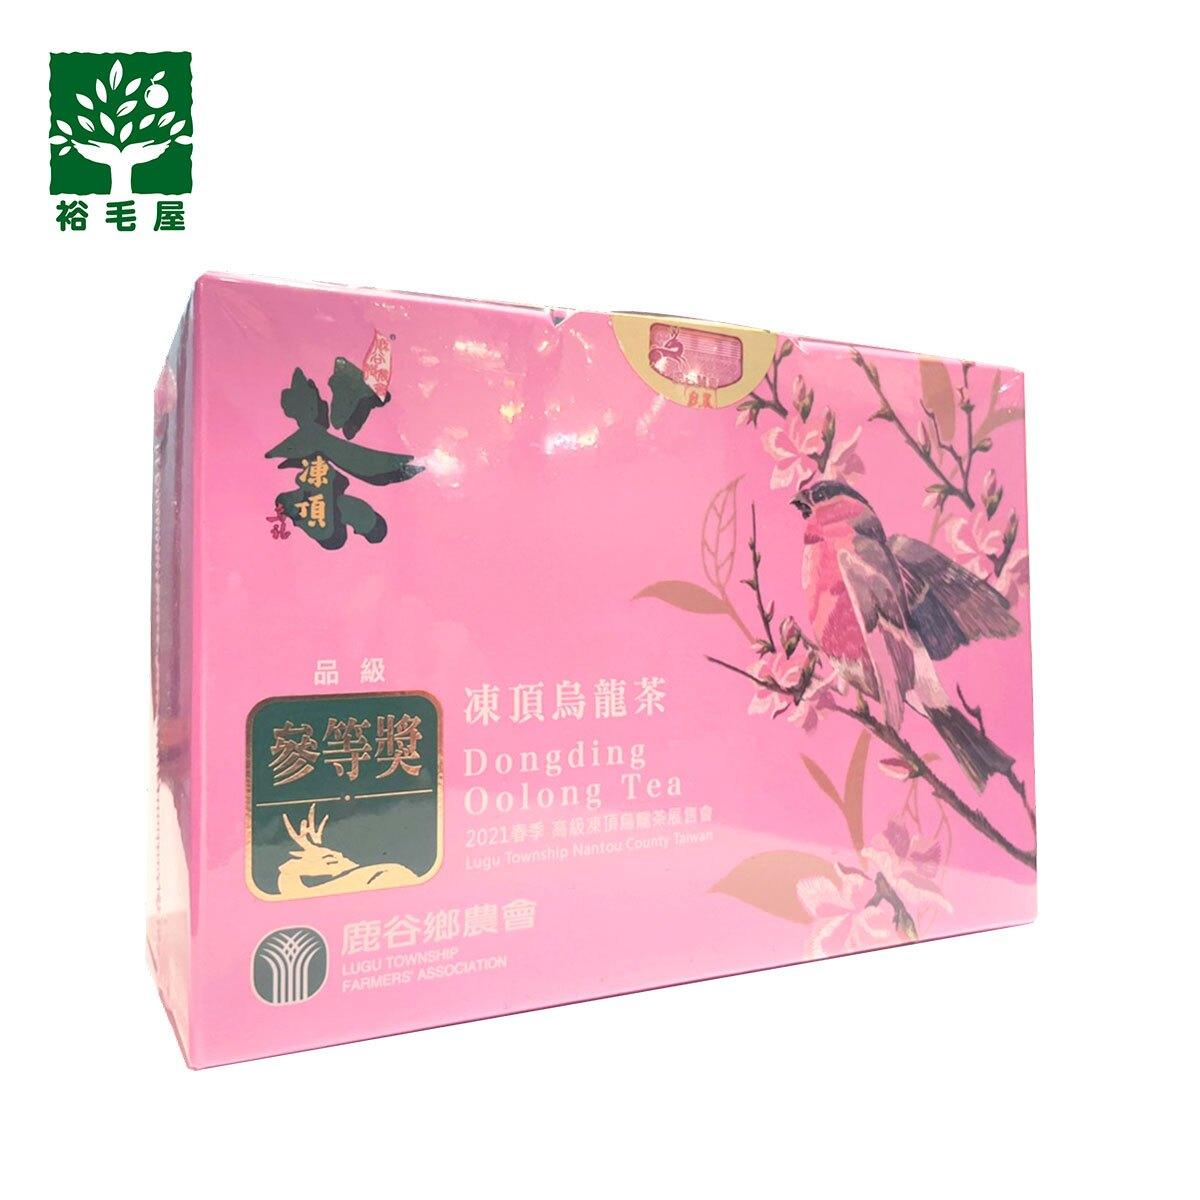 鹿谷鄉農會【2021年春茶-參等獎】凍頂烏龍茶, 高山茶, 台灣茶, 比賽茶